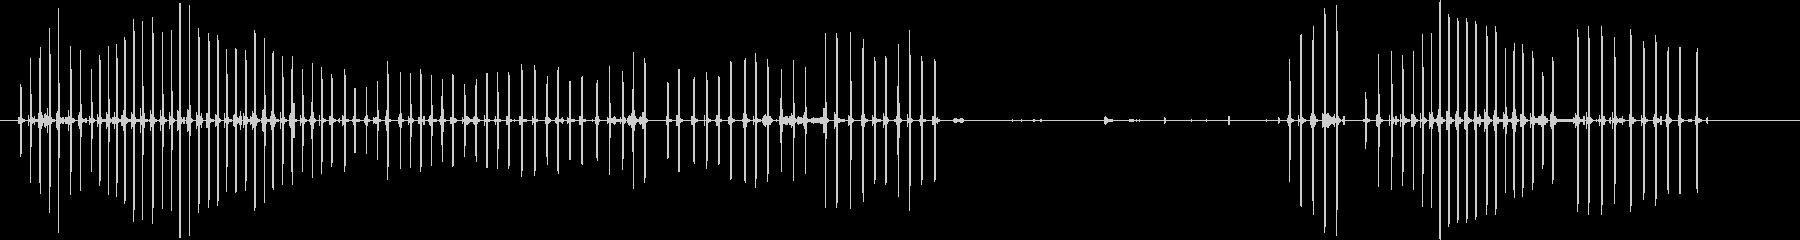 ウィレット・チャープ、ツイート。フ...の未再生の波形